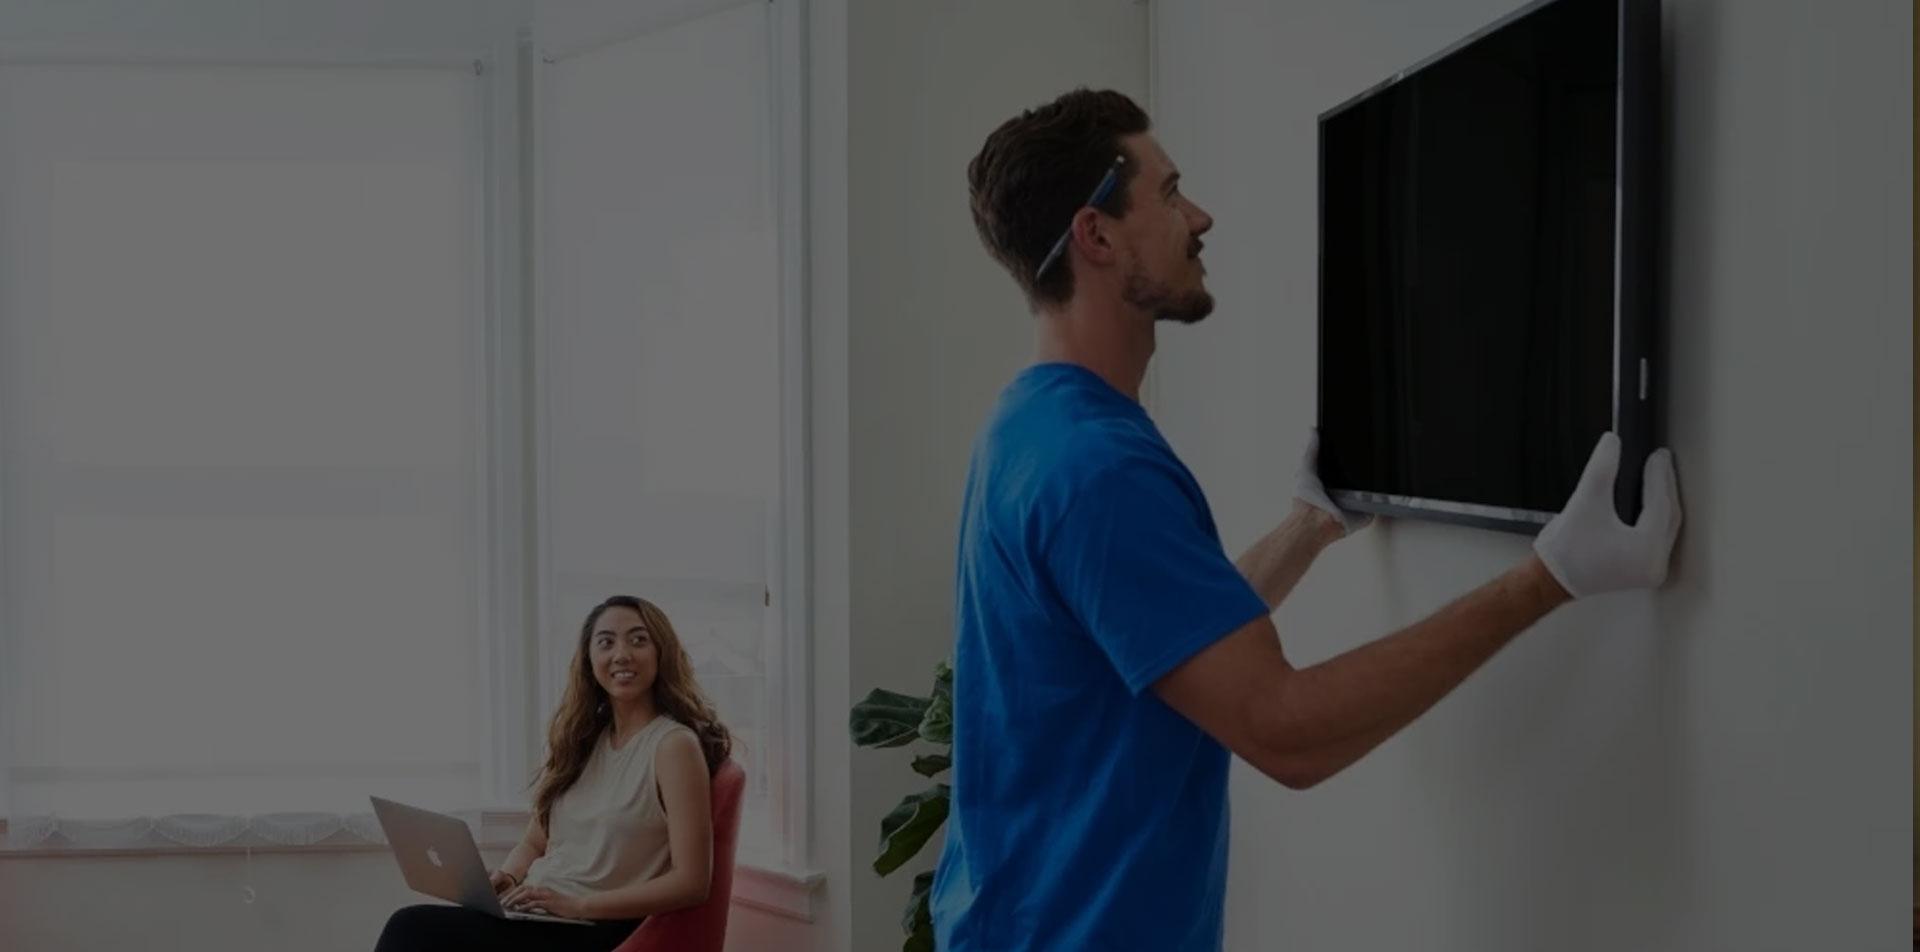 تعمیر صفحه تلویزیون سامسونگ در محل